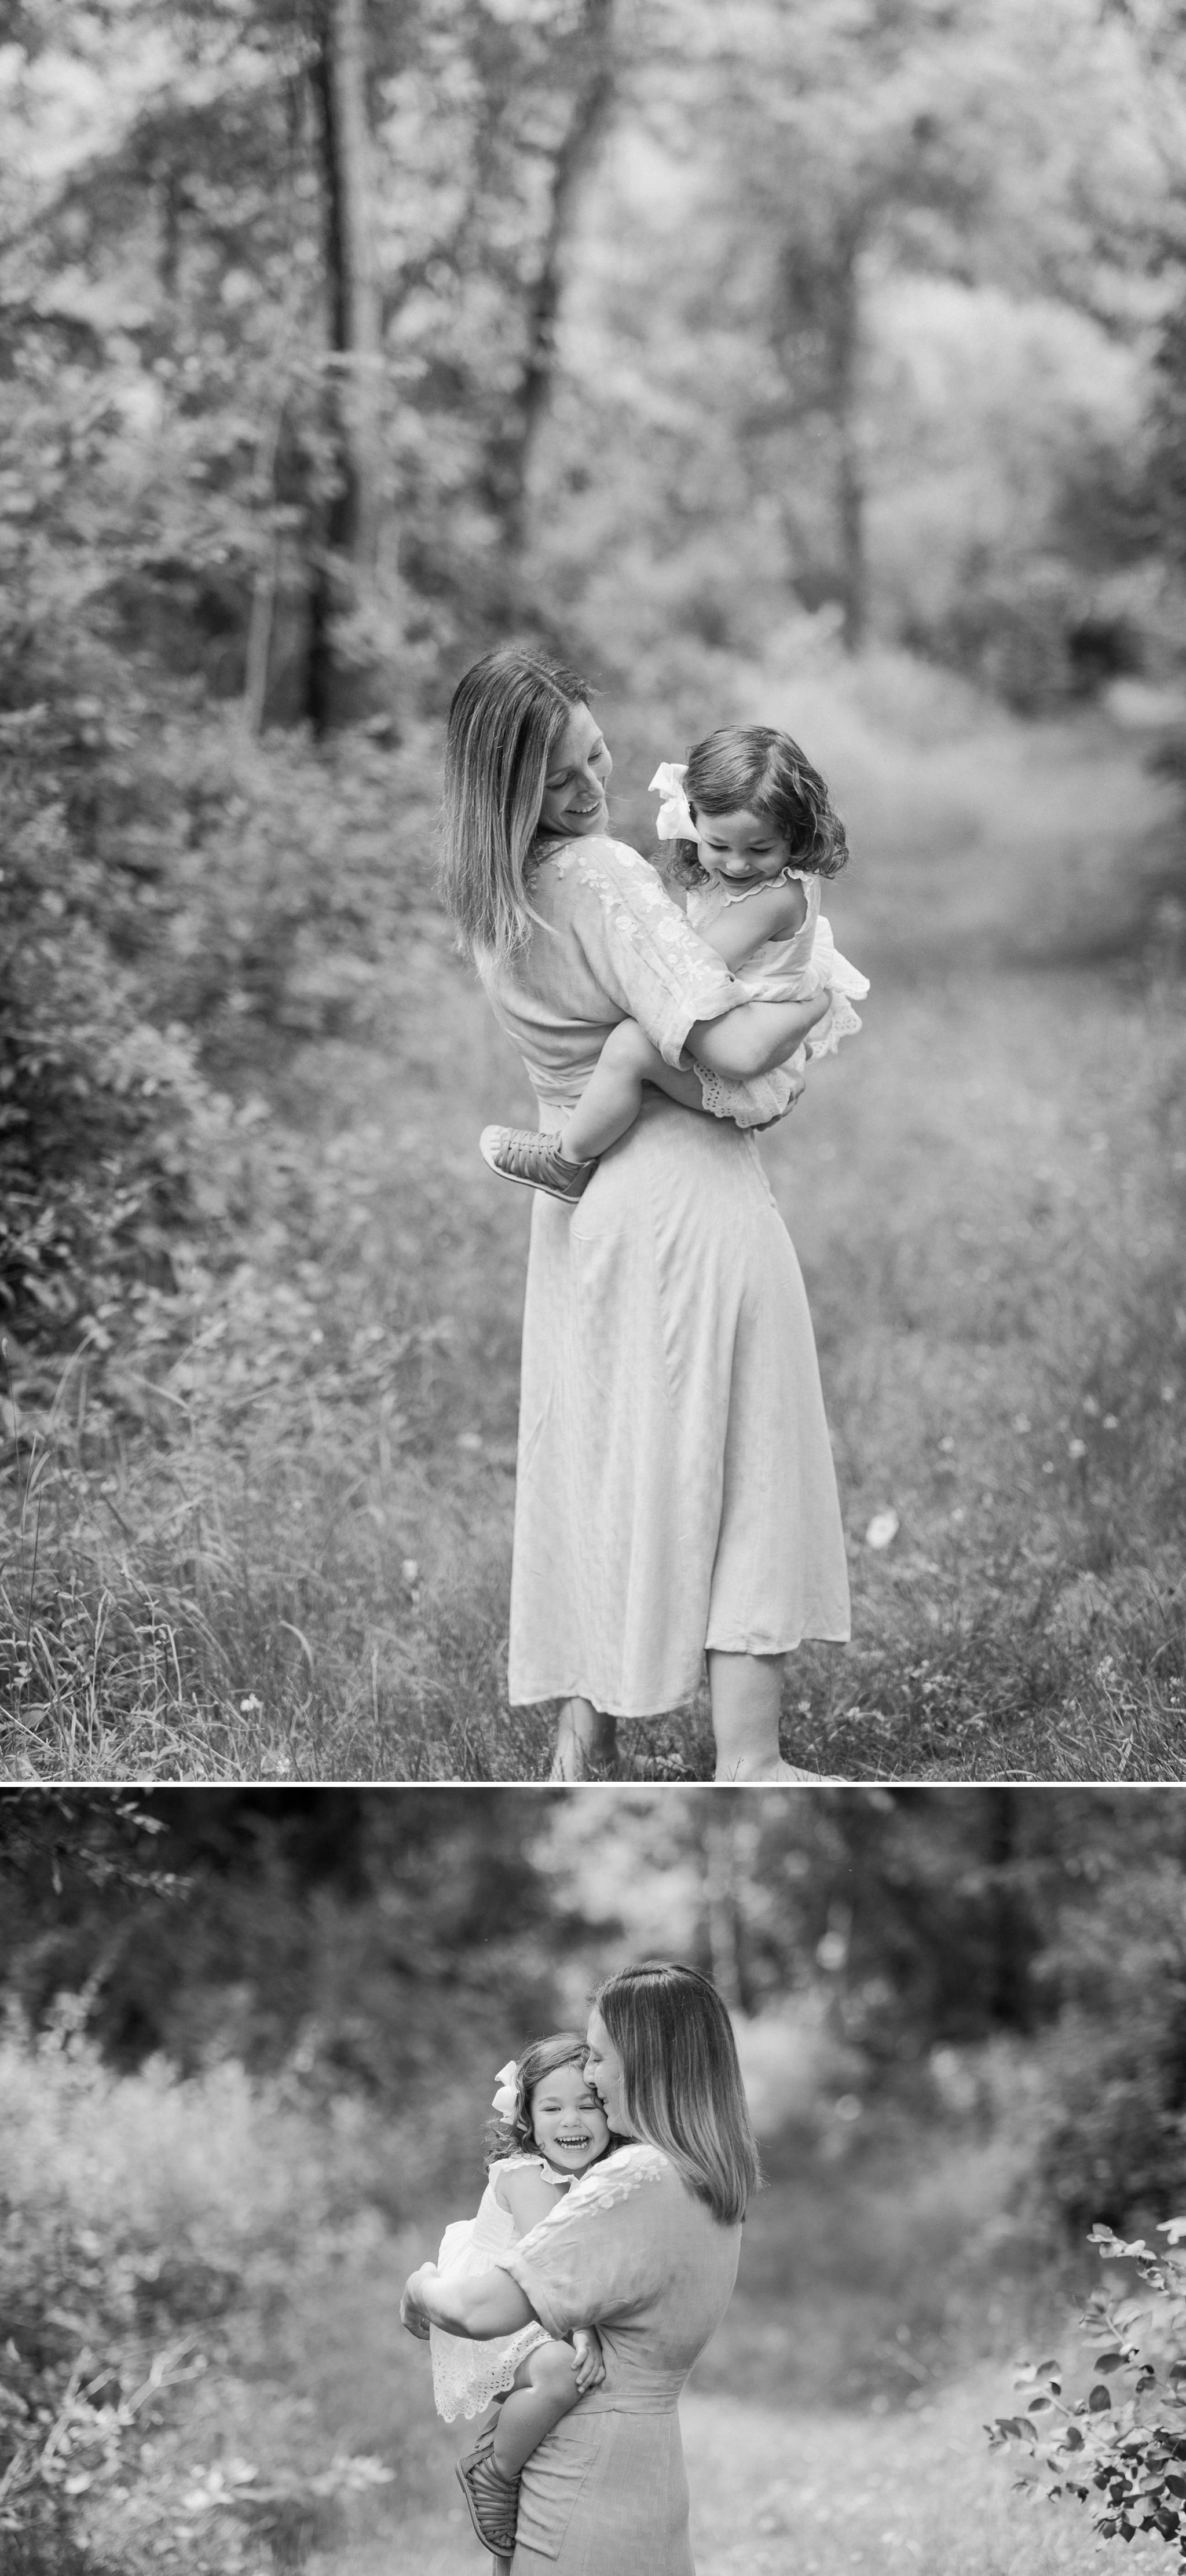 CT motherhood mini sessions